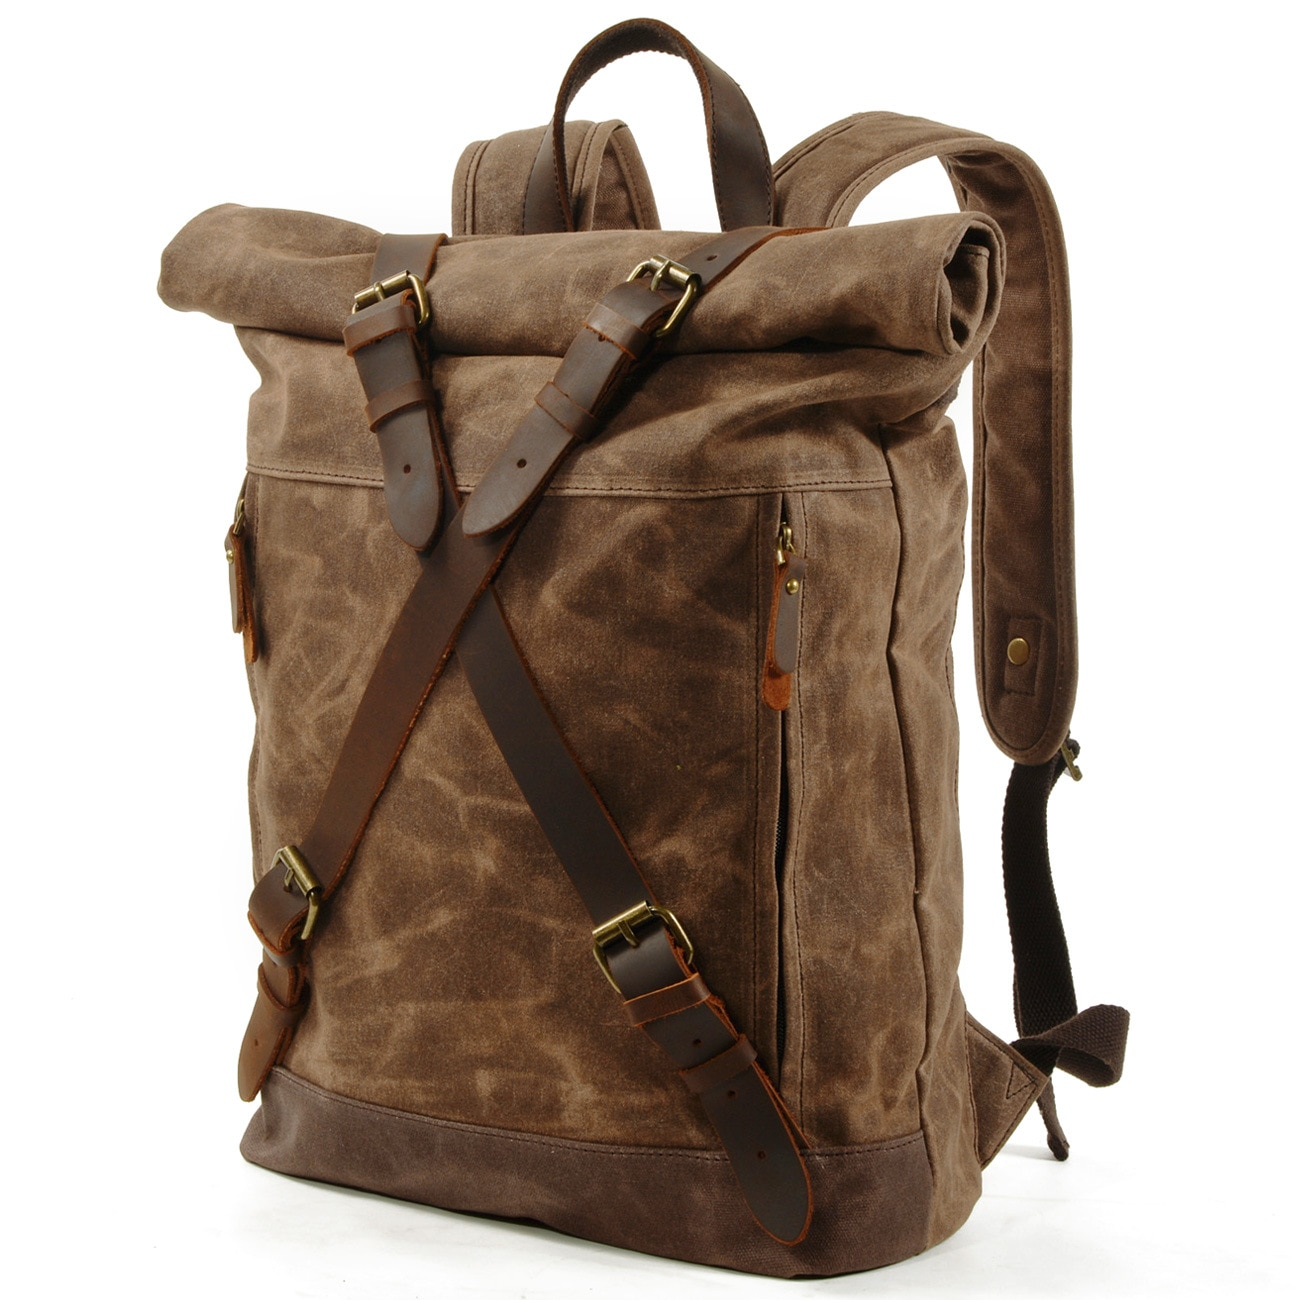 Sac à bandoulière pour homme sac de voyage en plein air sac à dos antivol